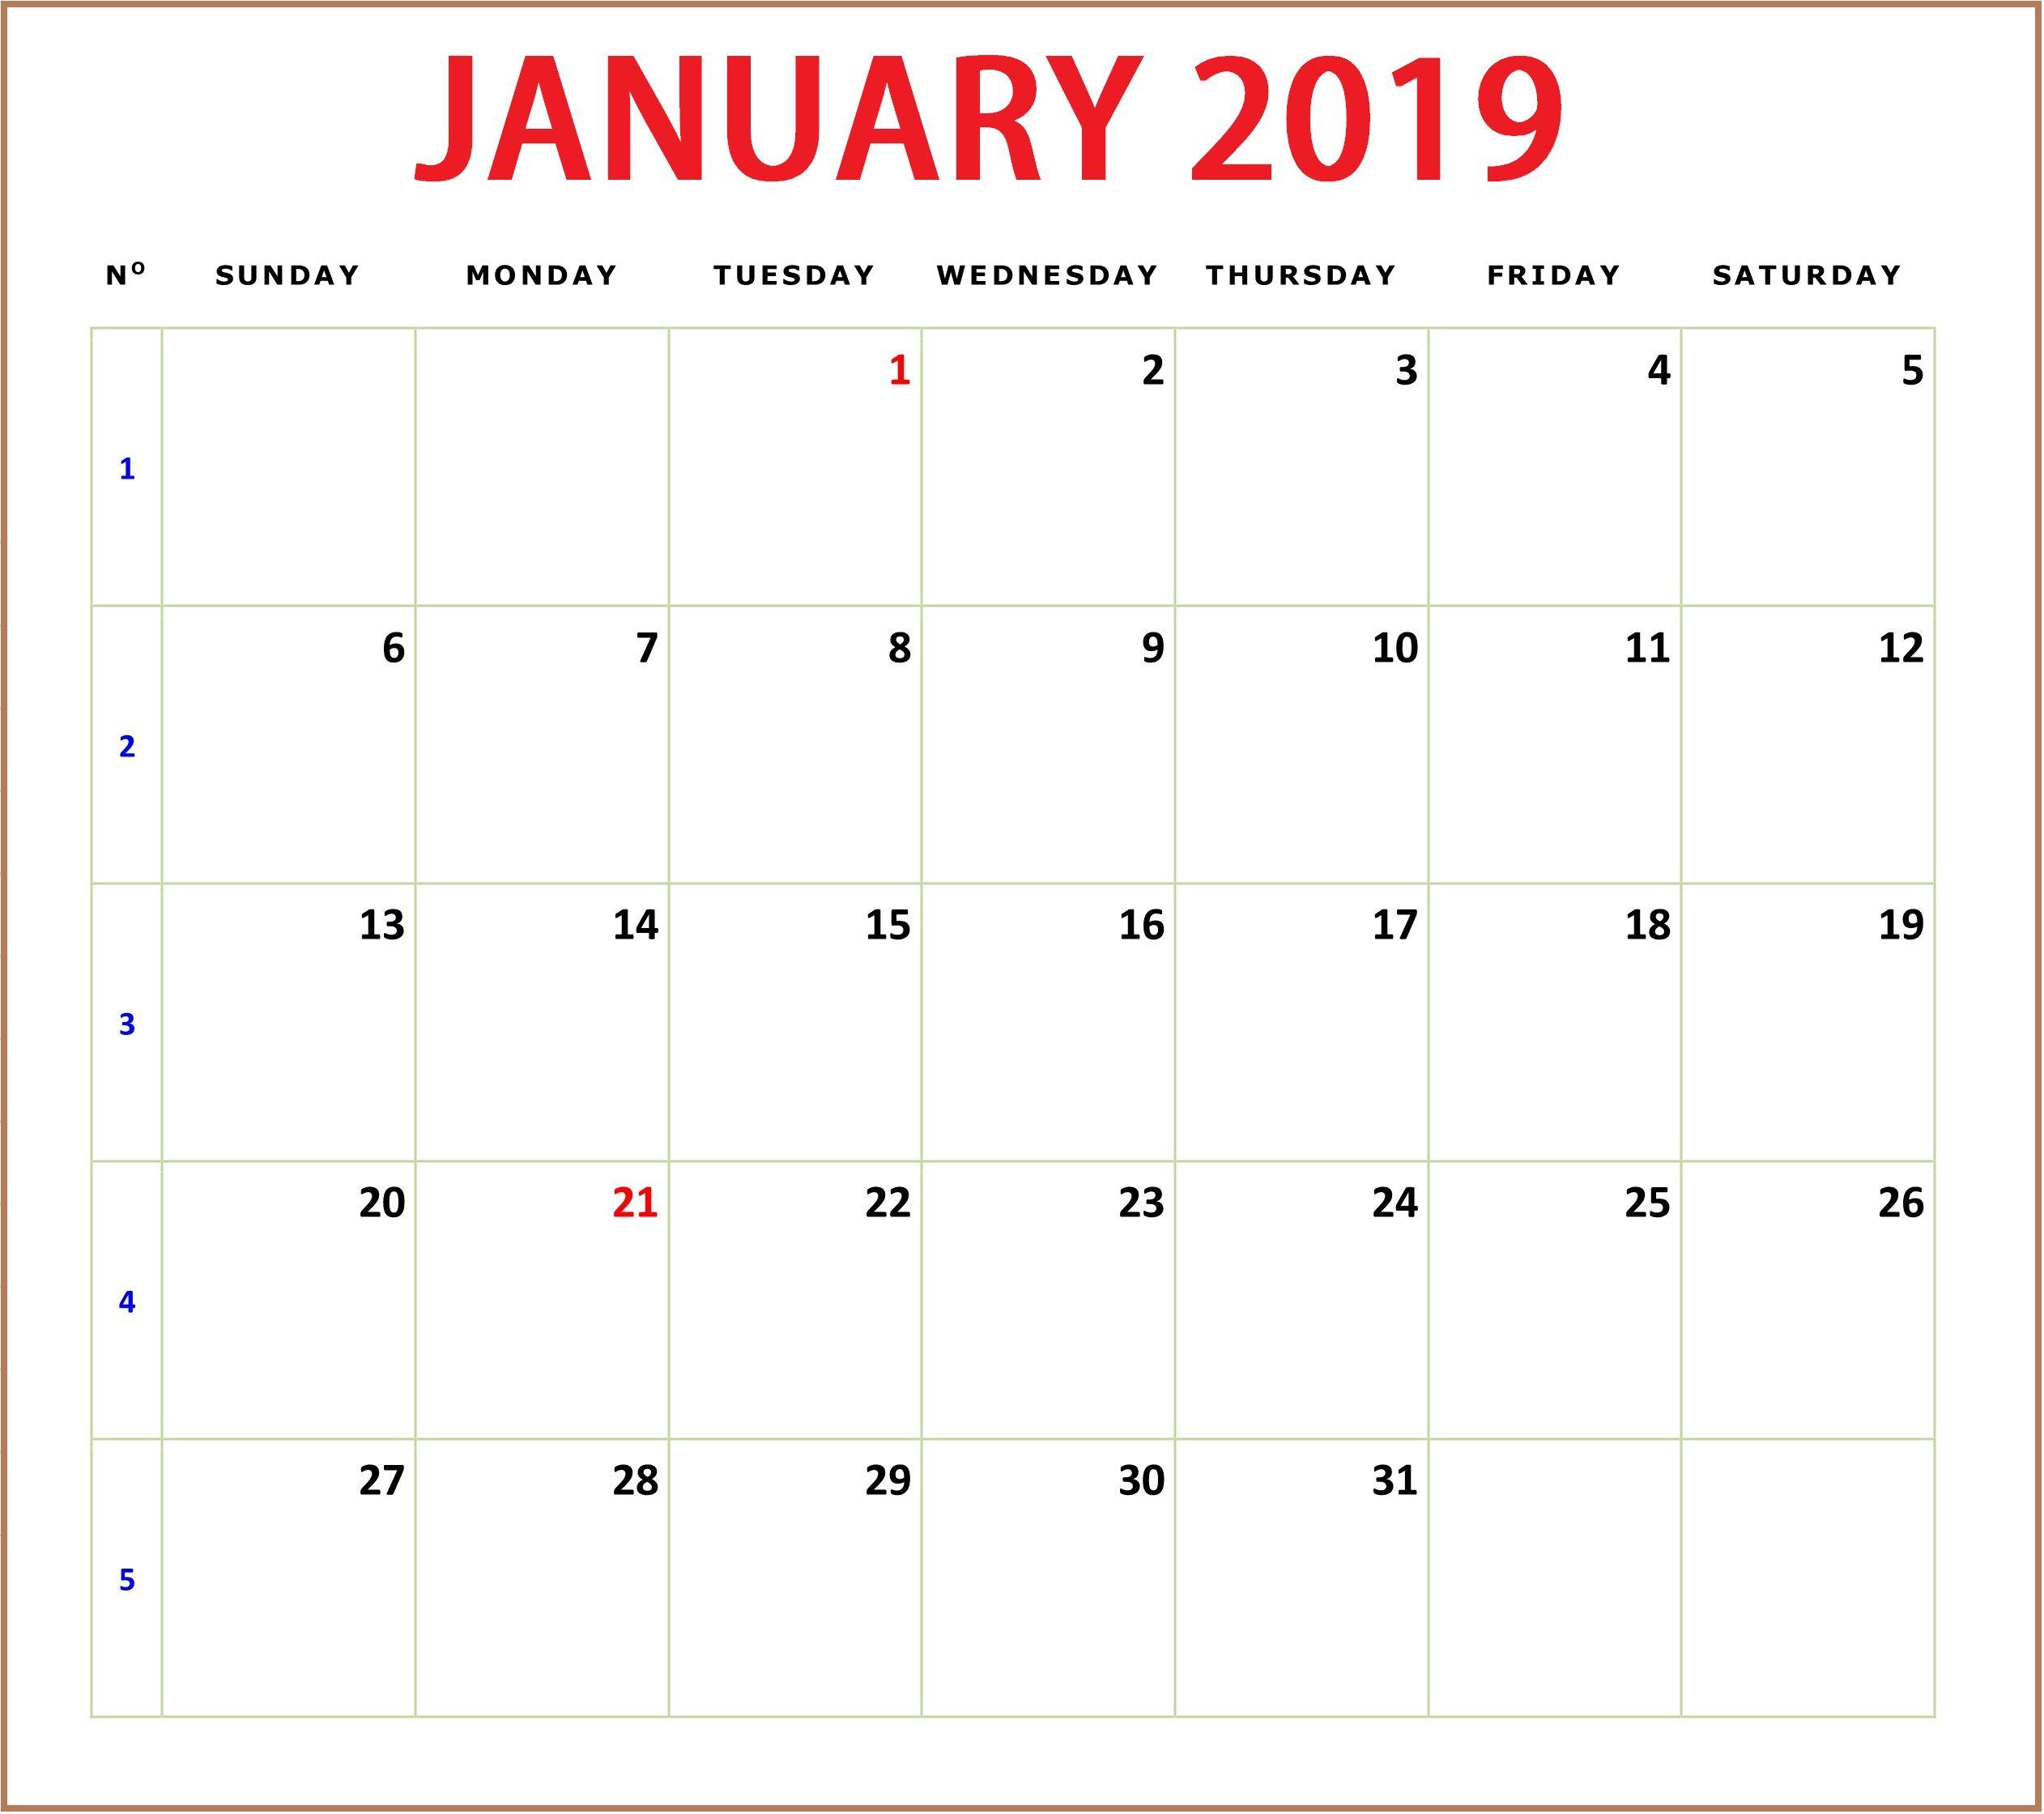 January 2019 Calendar Editable #Editable #January2019